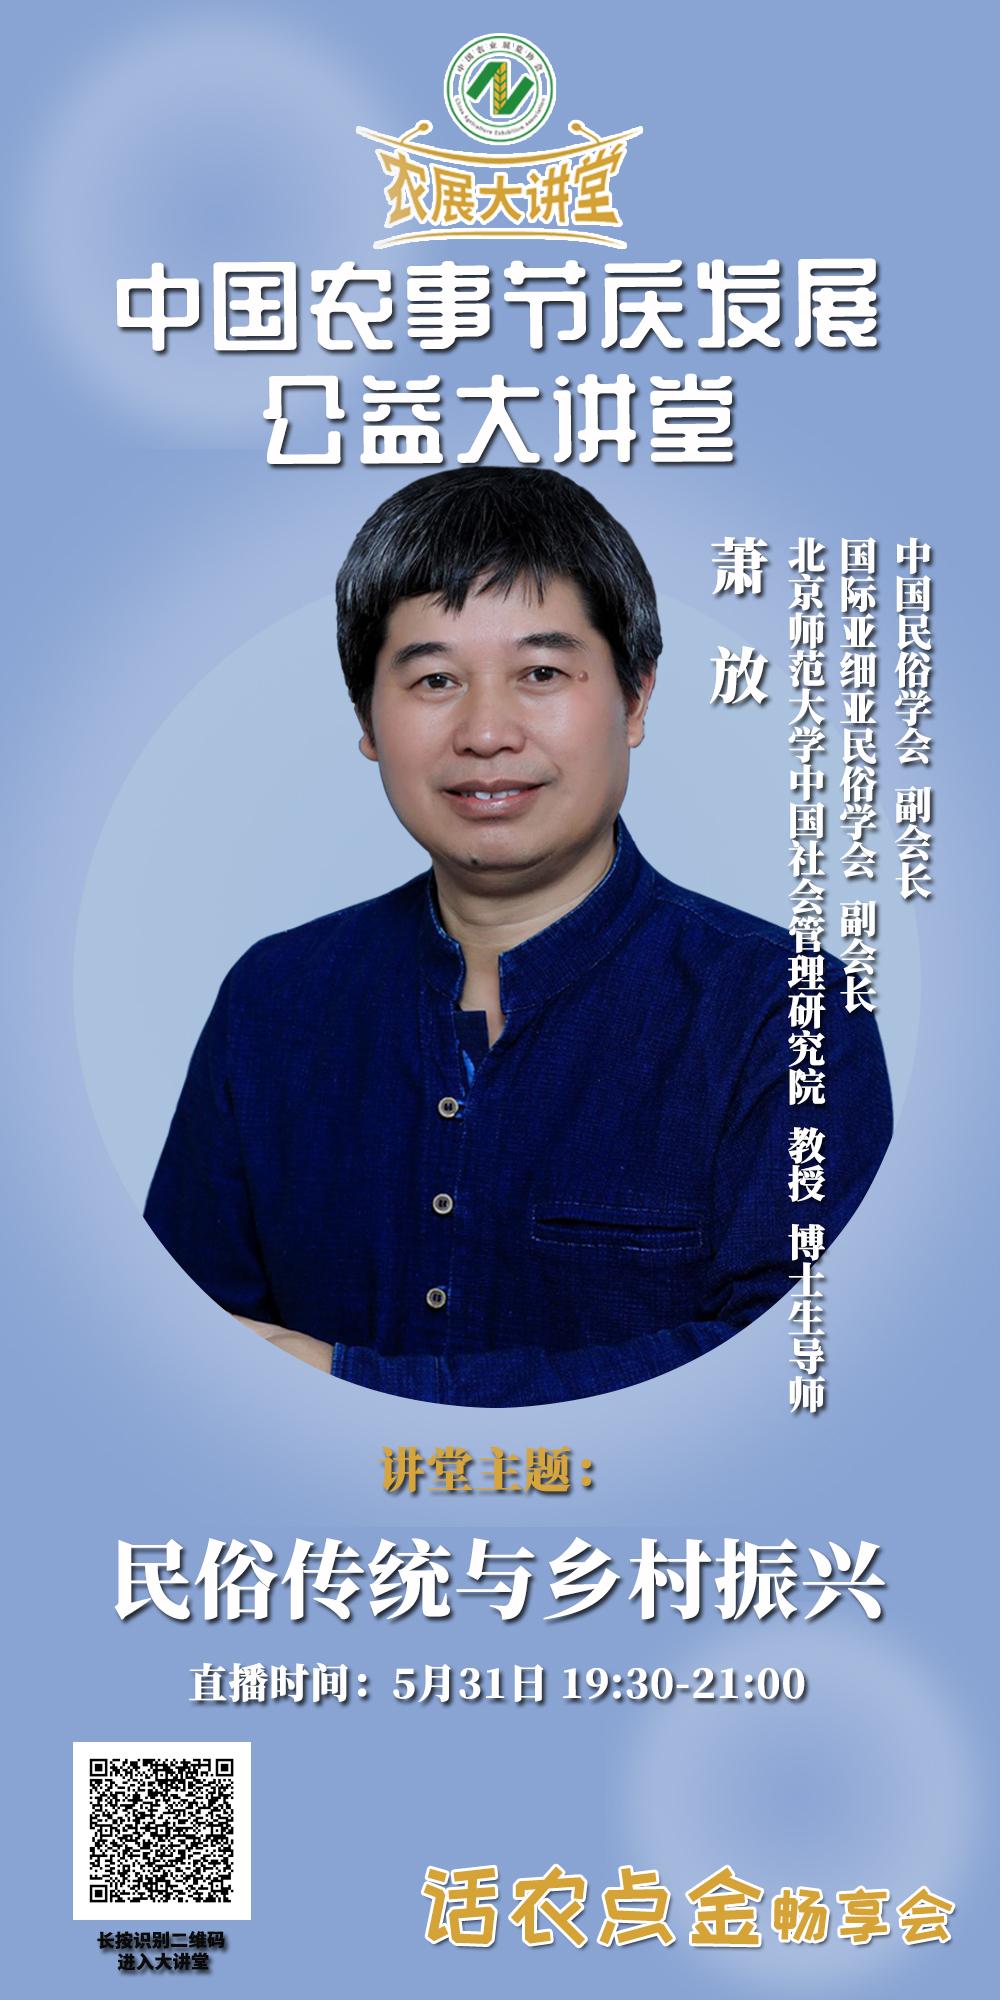 【农展大讲堂12·预告】5月31日(周日)中国农事节庆发展公益大讲堂第四期